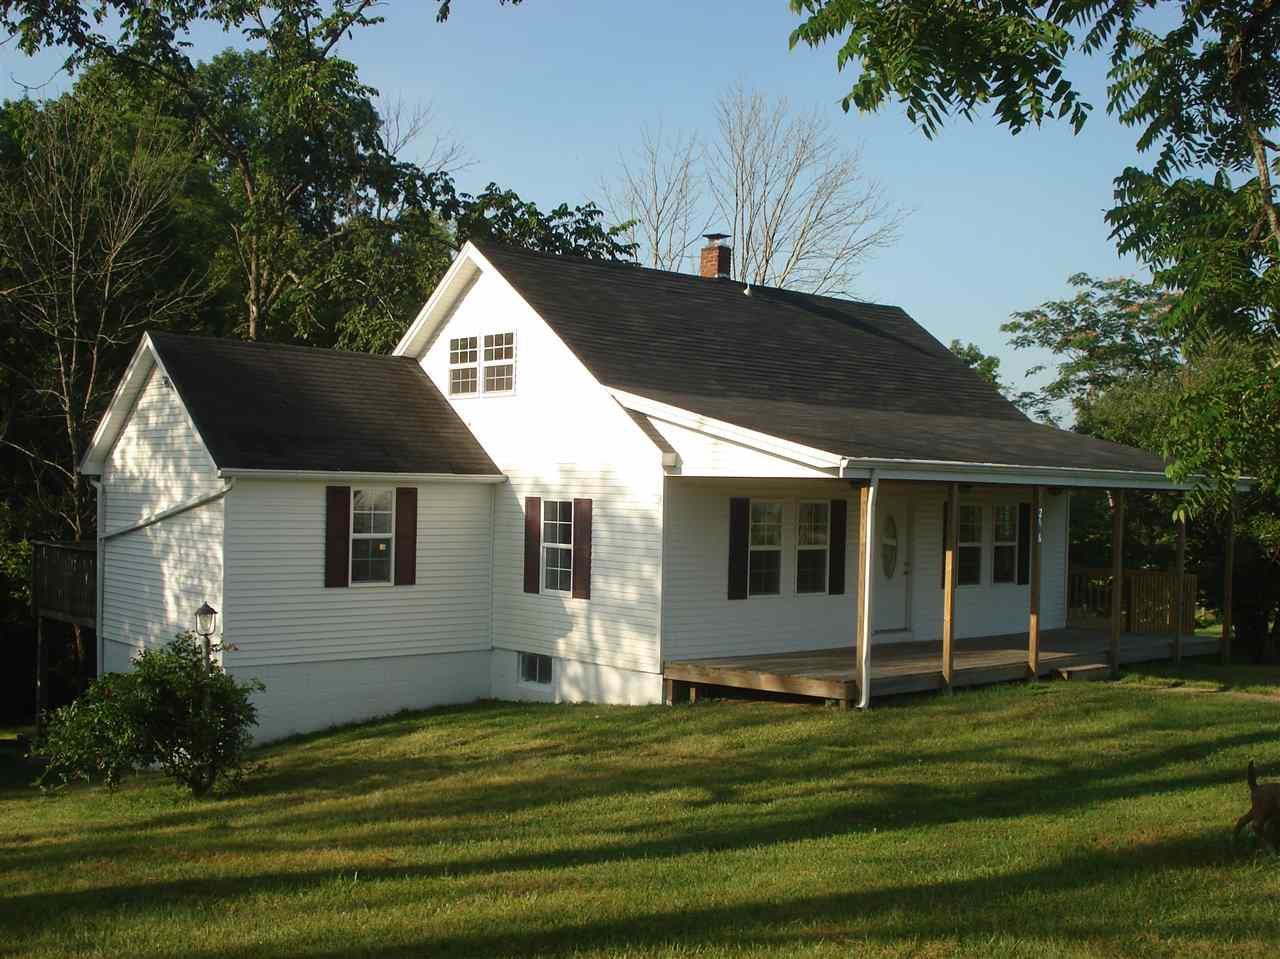 Photo 2 for 2696 Salem Pike Cynthiana, KY 41031